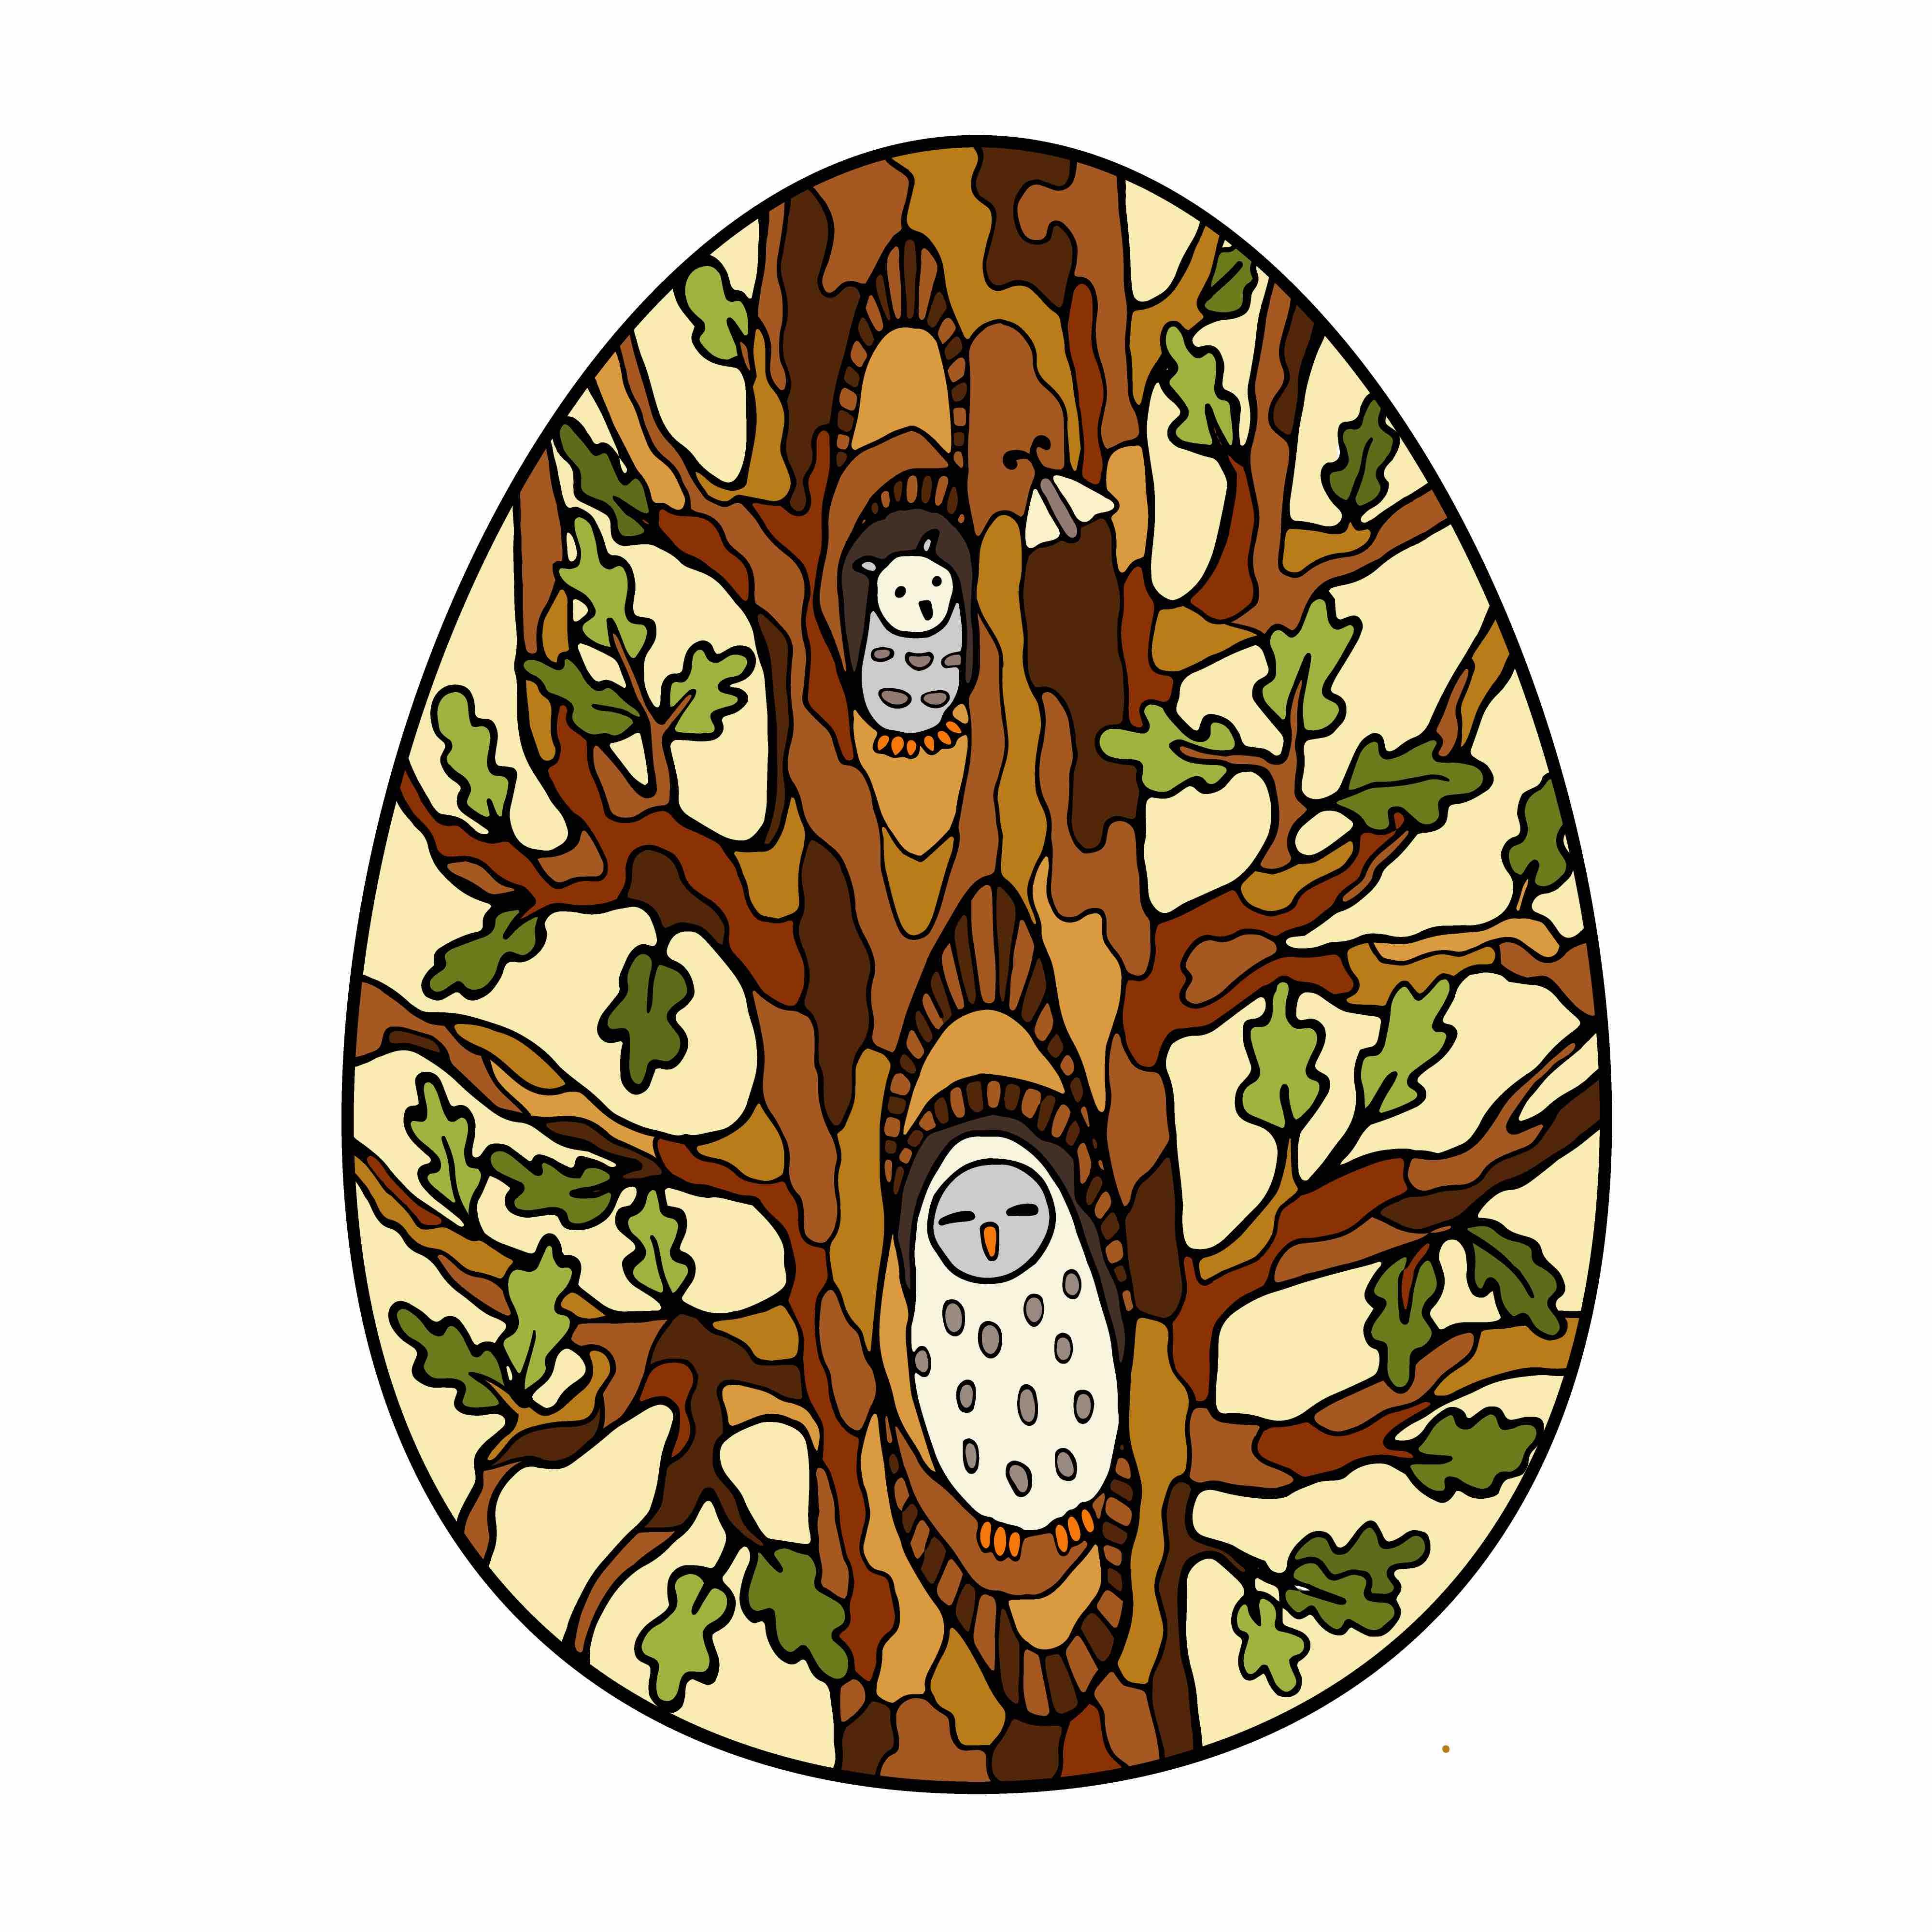 wielkanoc, symbole wielkanocy